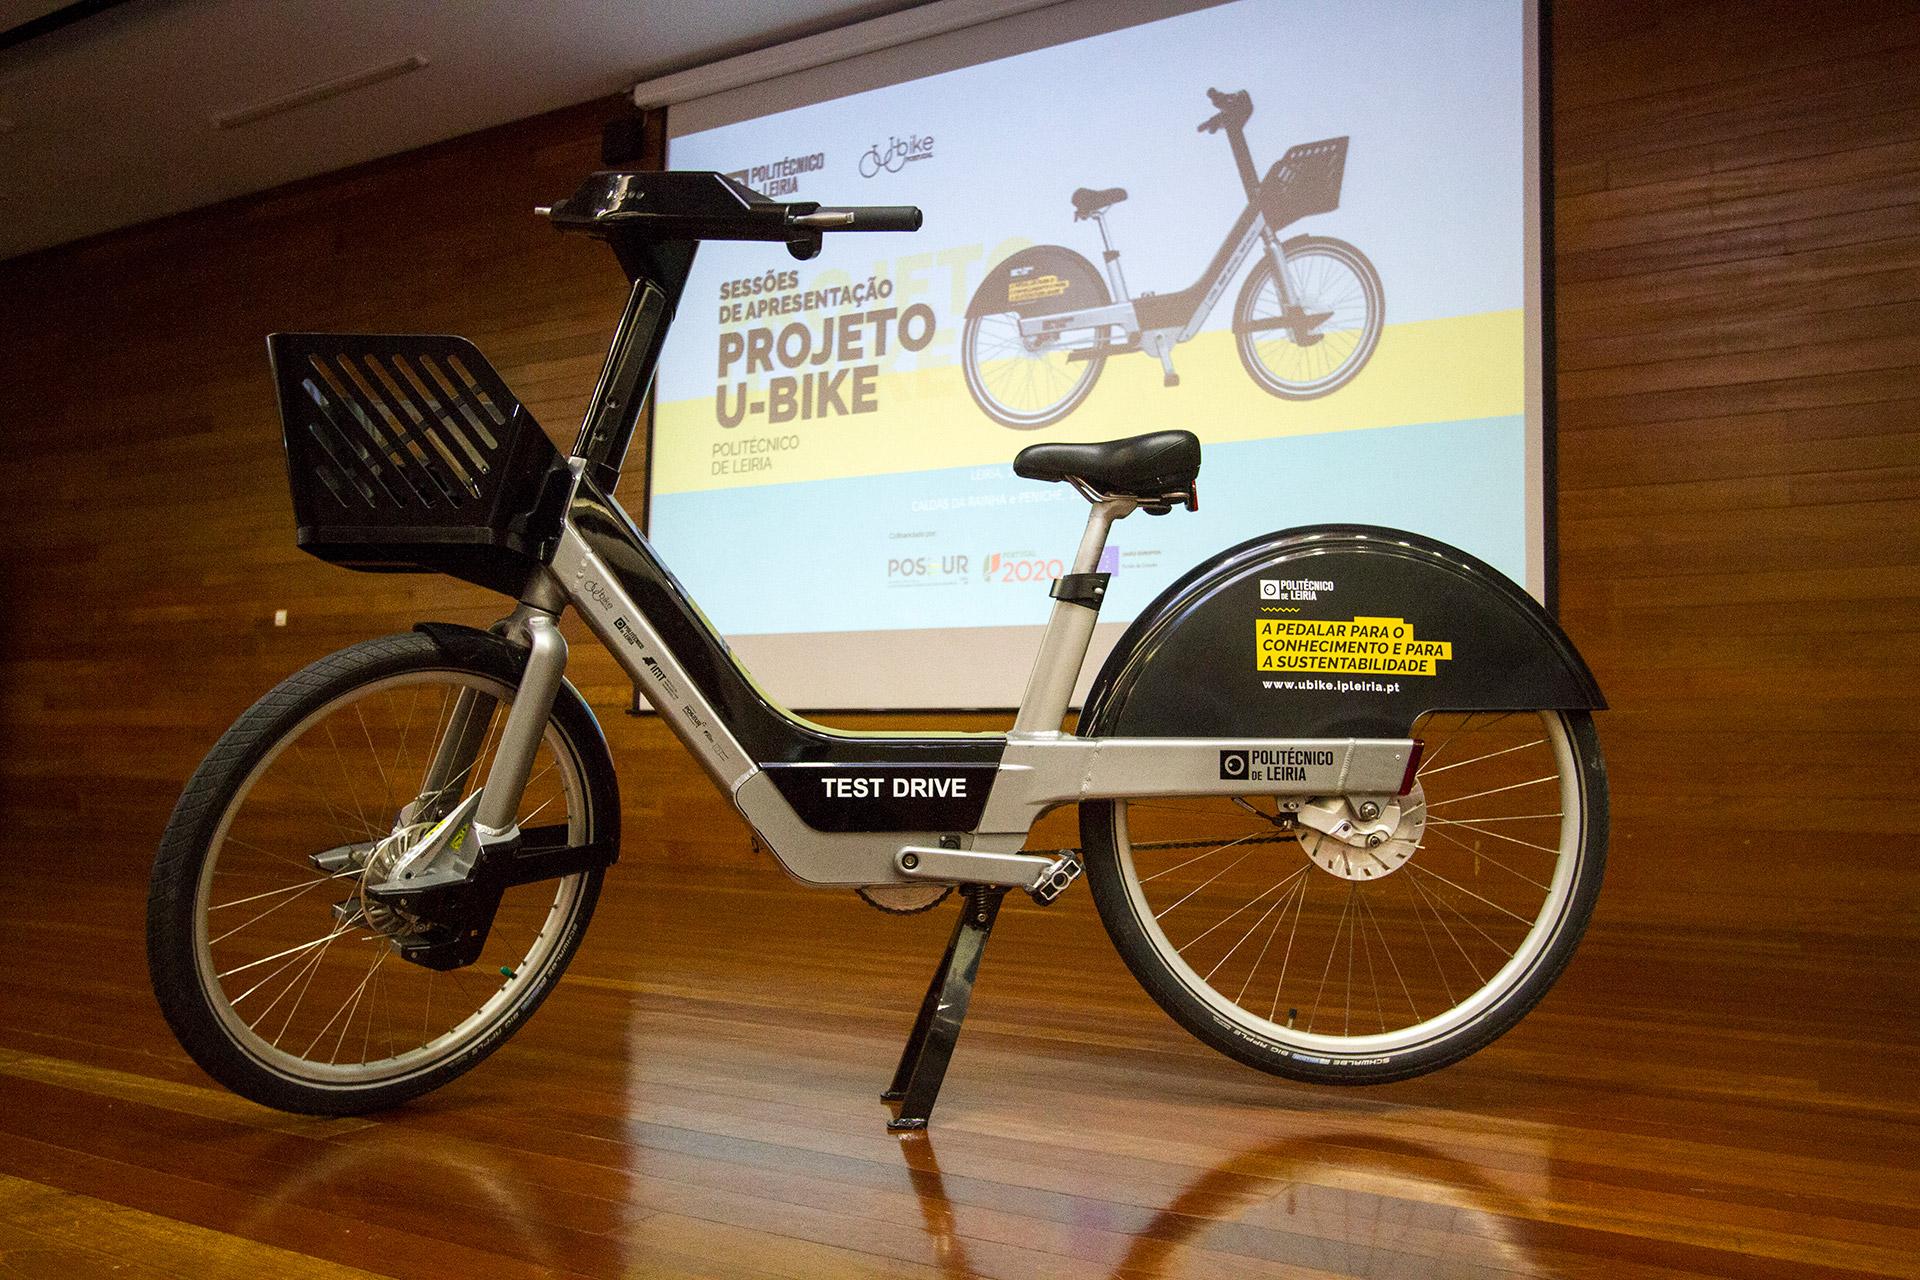 UA contrata fornecimento de 239 bicicletas